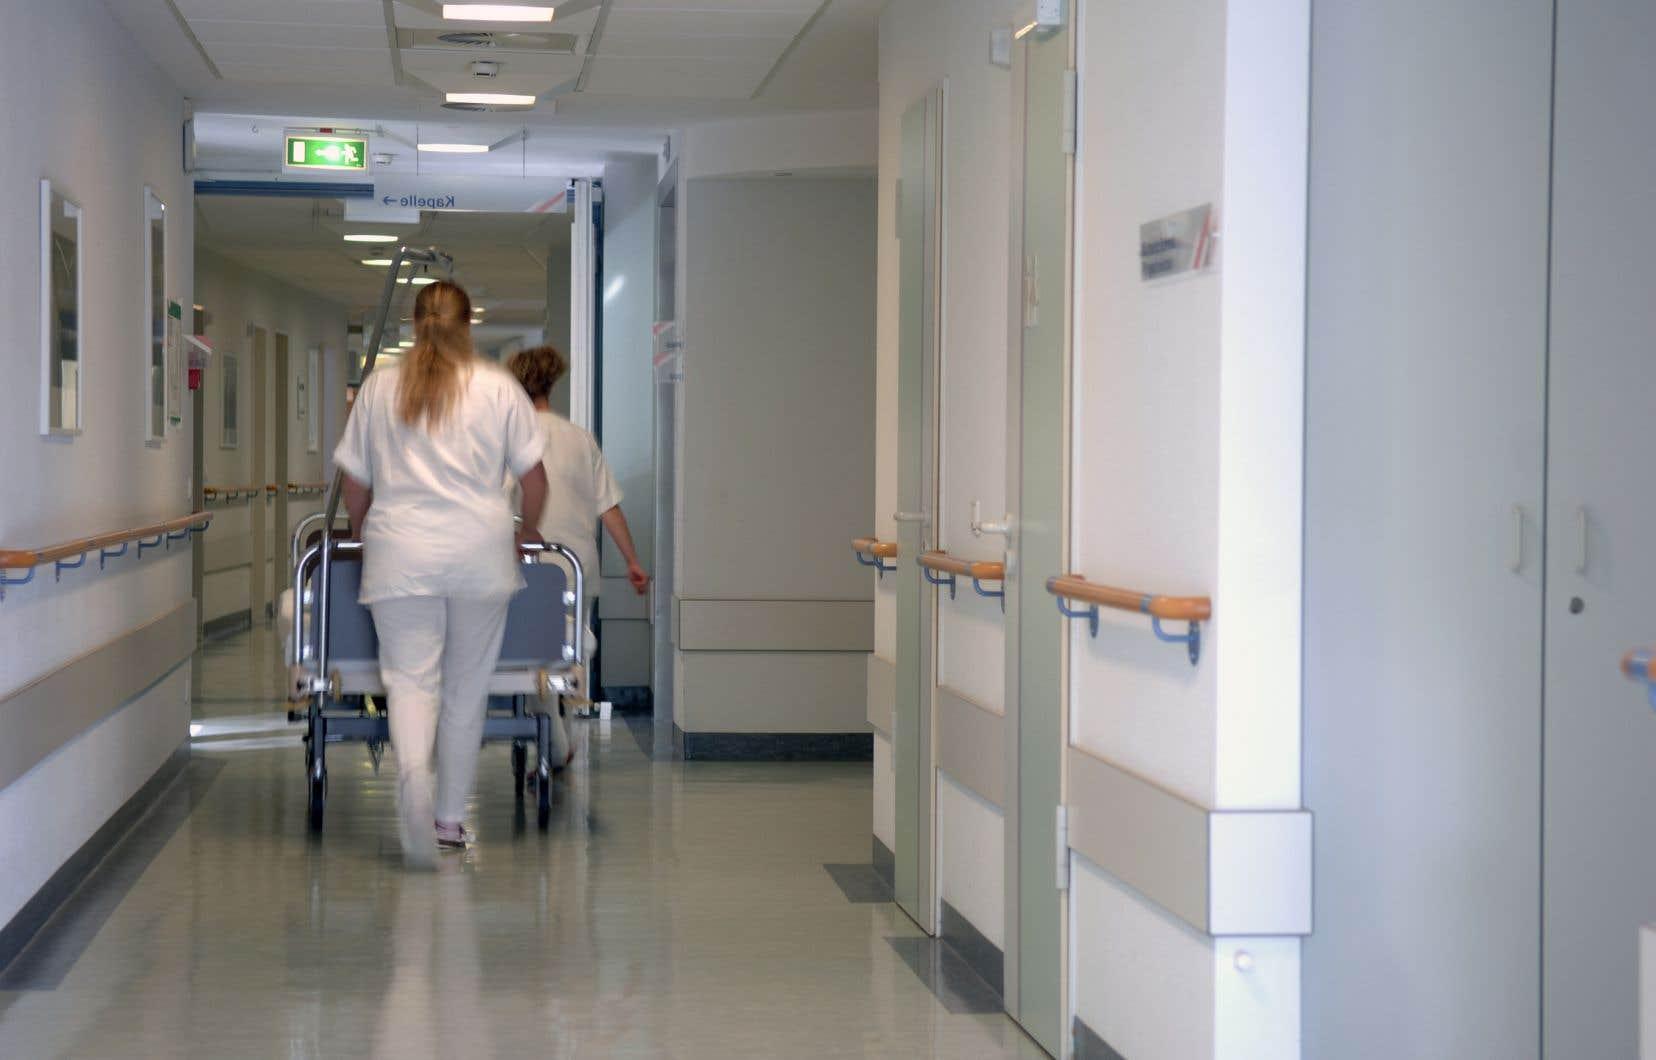 Les infirmières de plusieurs hôpitaux se disent épuisées par la charge de travail et les heures supplémentaires imposées.